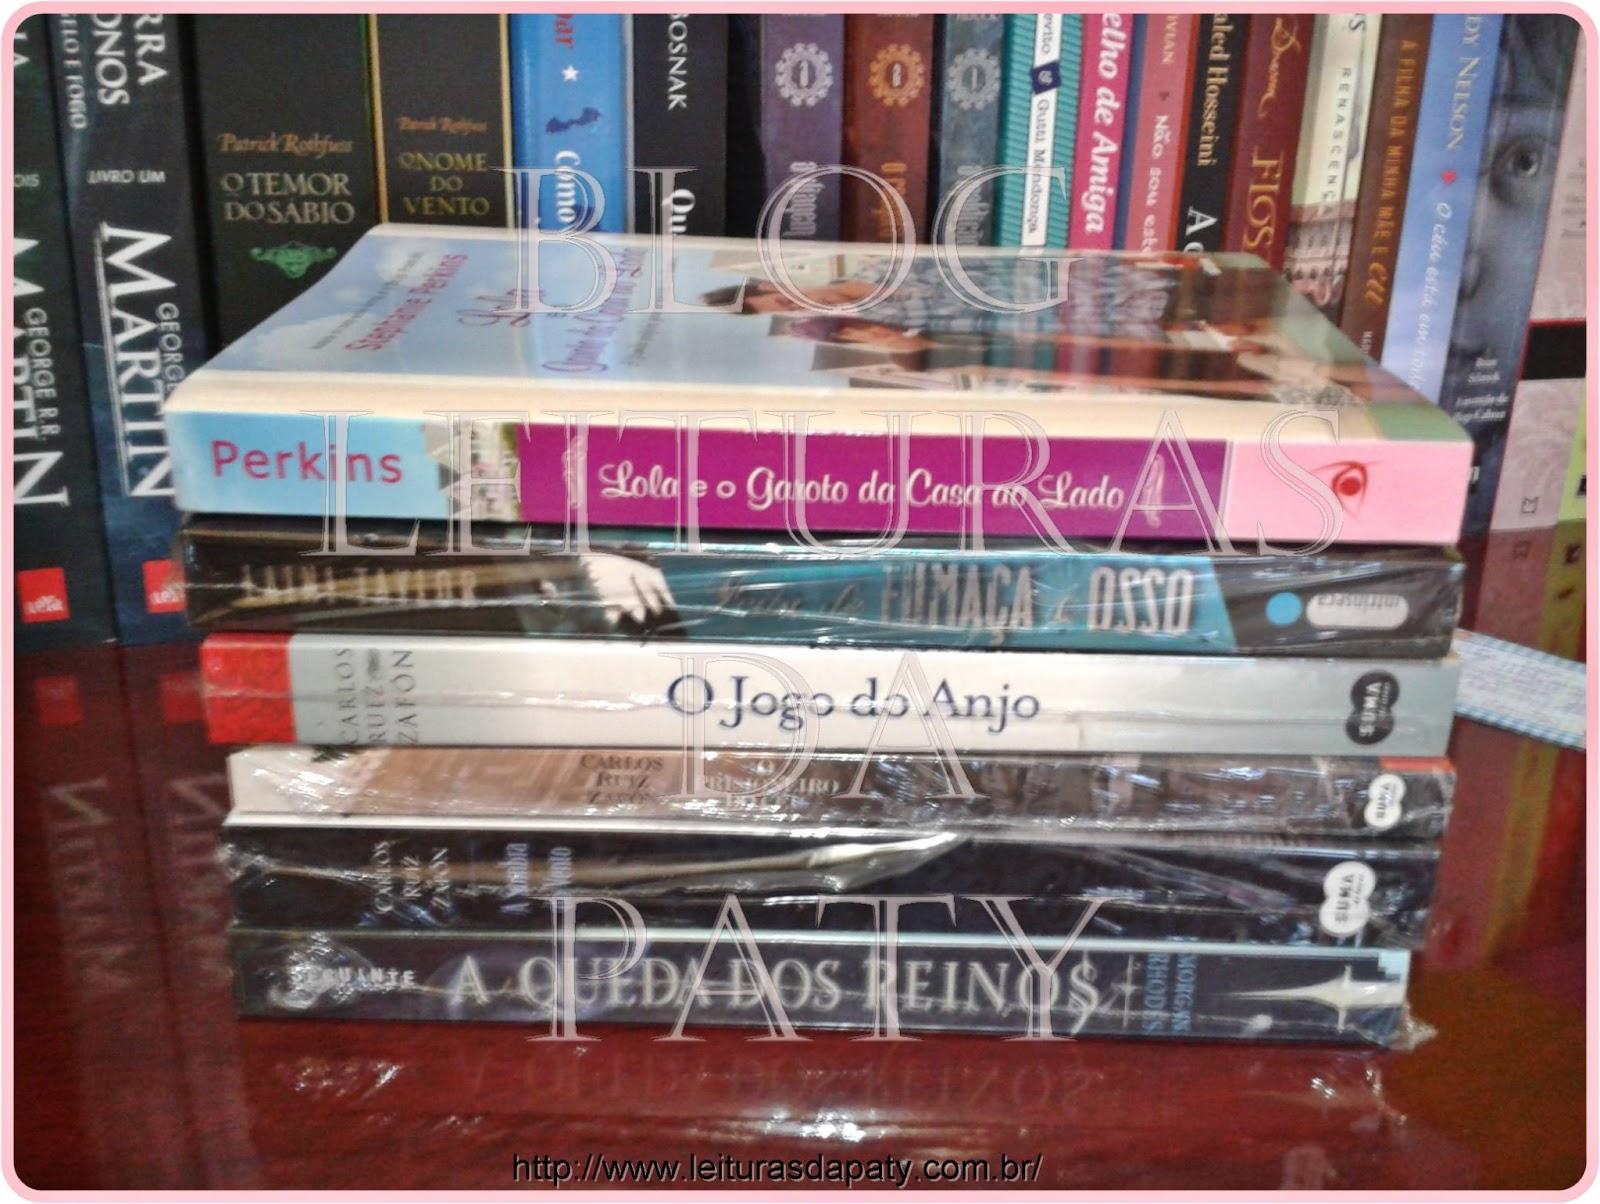 Livros na Estante - Blog Leituras da Paty